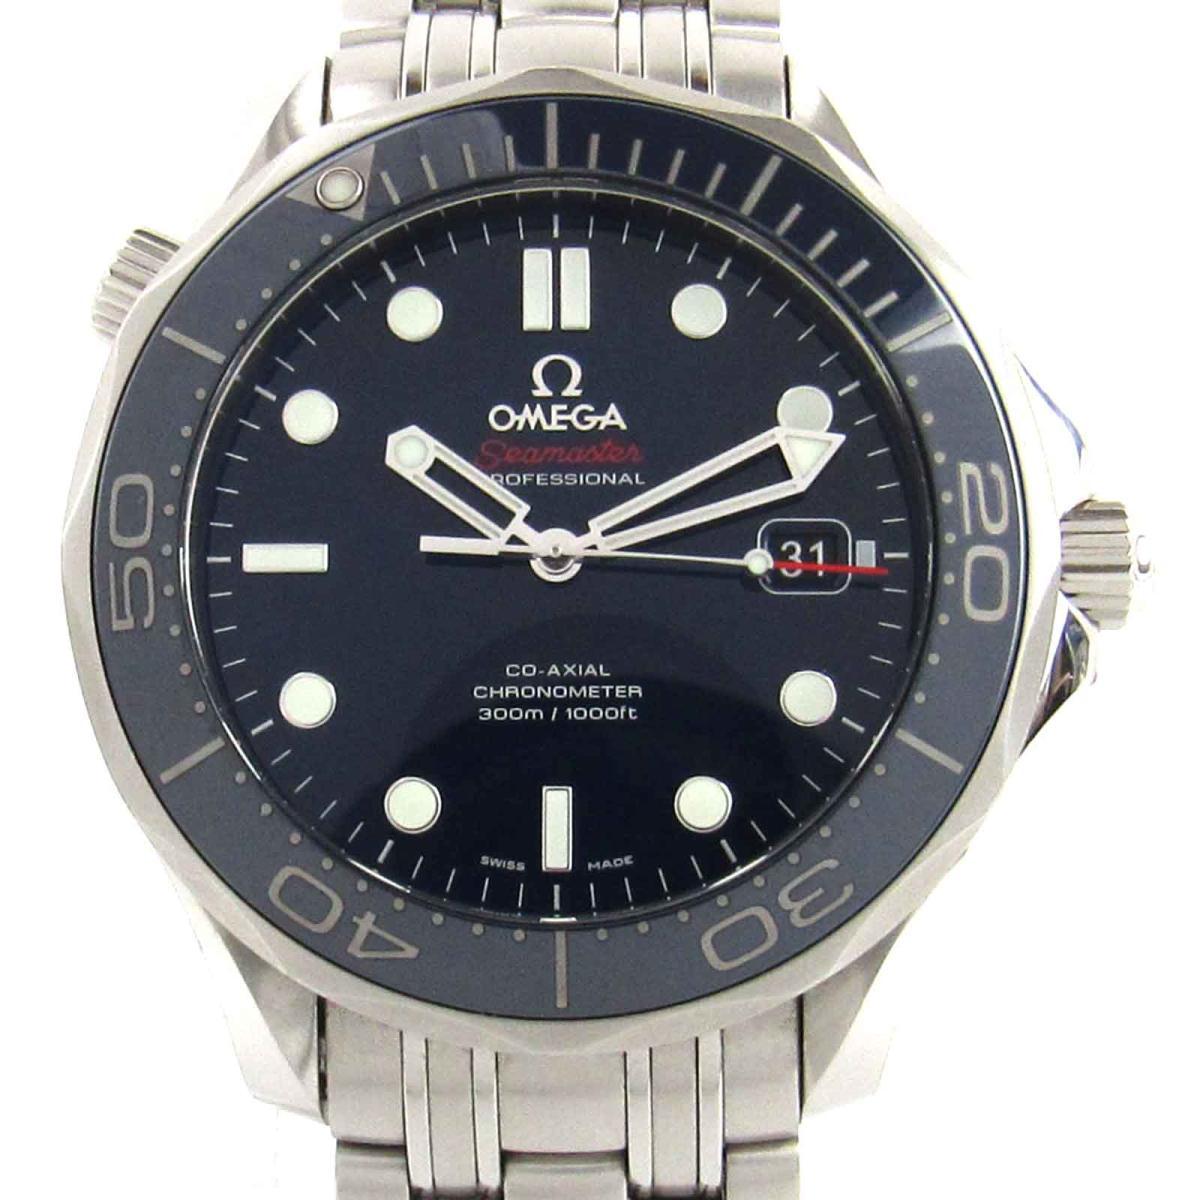 【中古】 オメガ シーマスター コーアクシャル ウォッチ 腕時計 時計 メンズ ステンレススチール (SS) (212.30.41.20.03.001)   OMEGA BRANDOFF ブランドオフ ブランド ブランド時計 ブランド腕時計